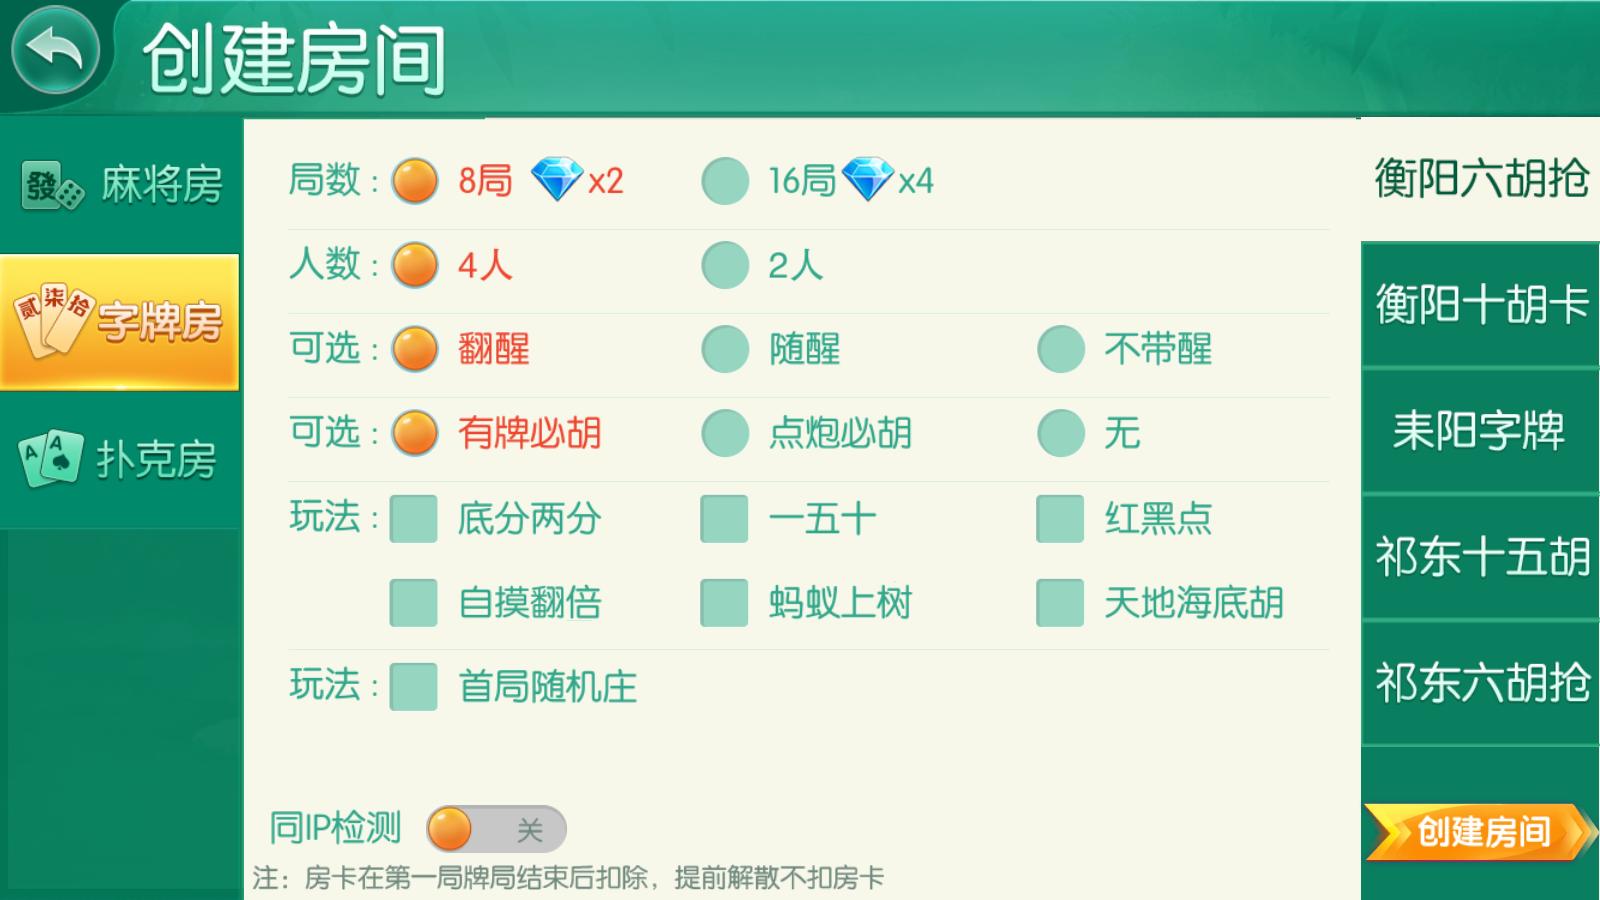 网狐二开跑胡子合集 麻将游戏 字牌游戏 扑克游戏 完整整理-第14张